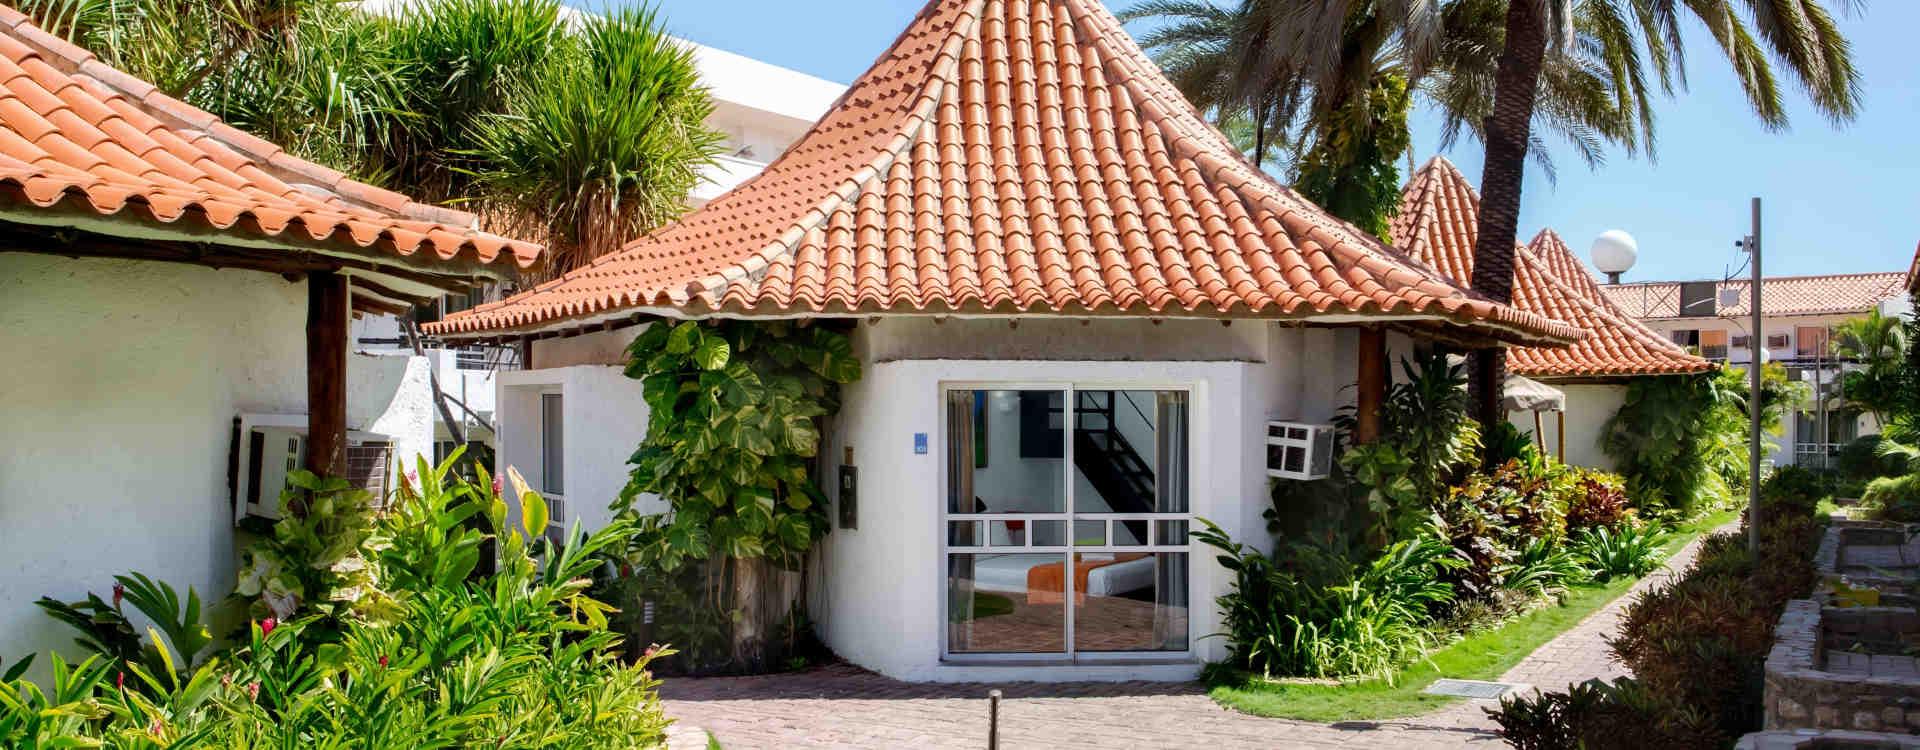 Hotel Palm Beach Habitaciones